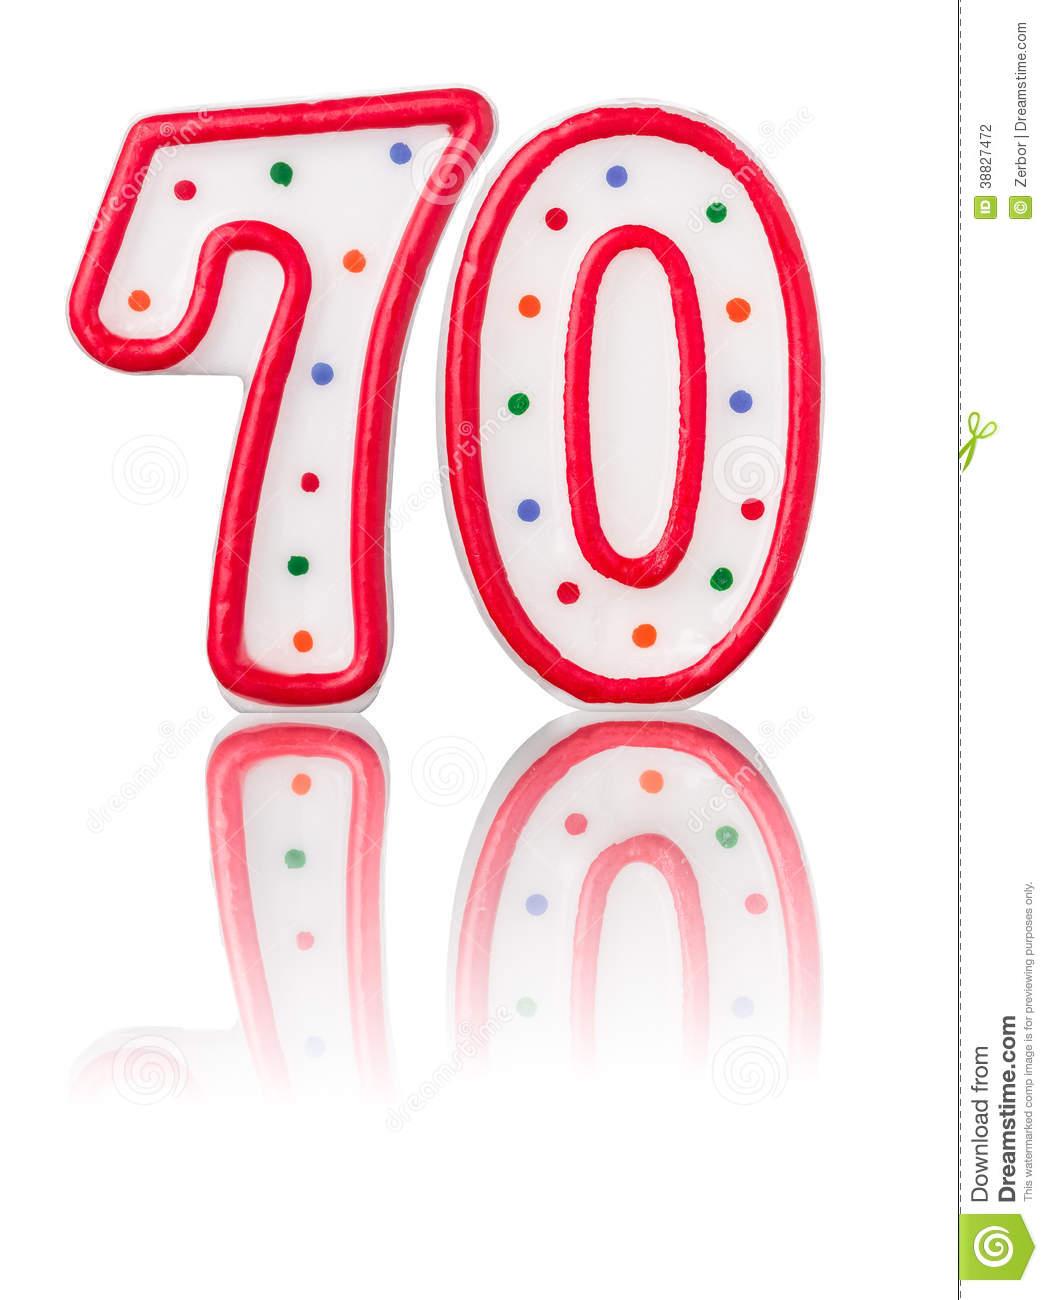 Number 70 Clipart #VeJ4fK.